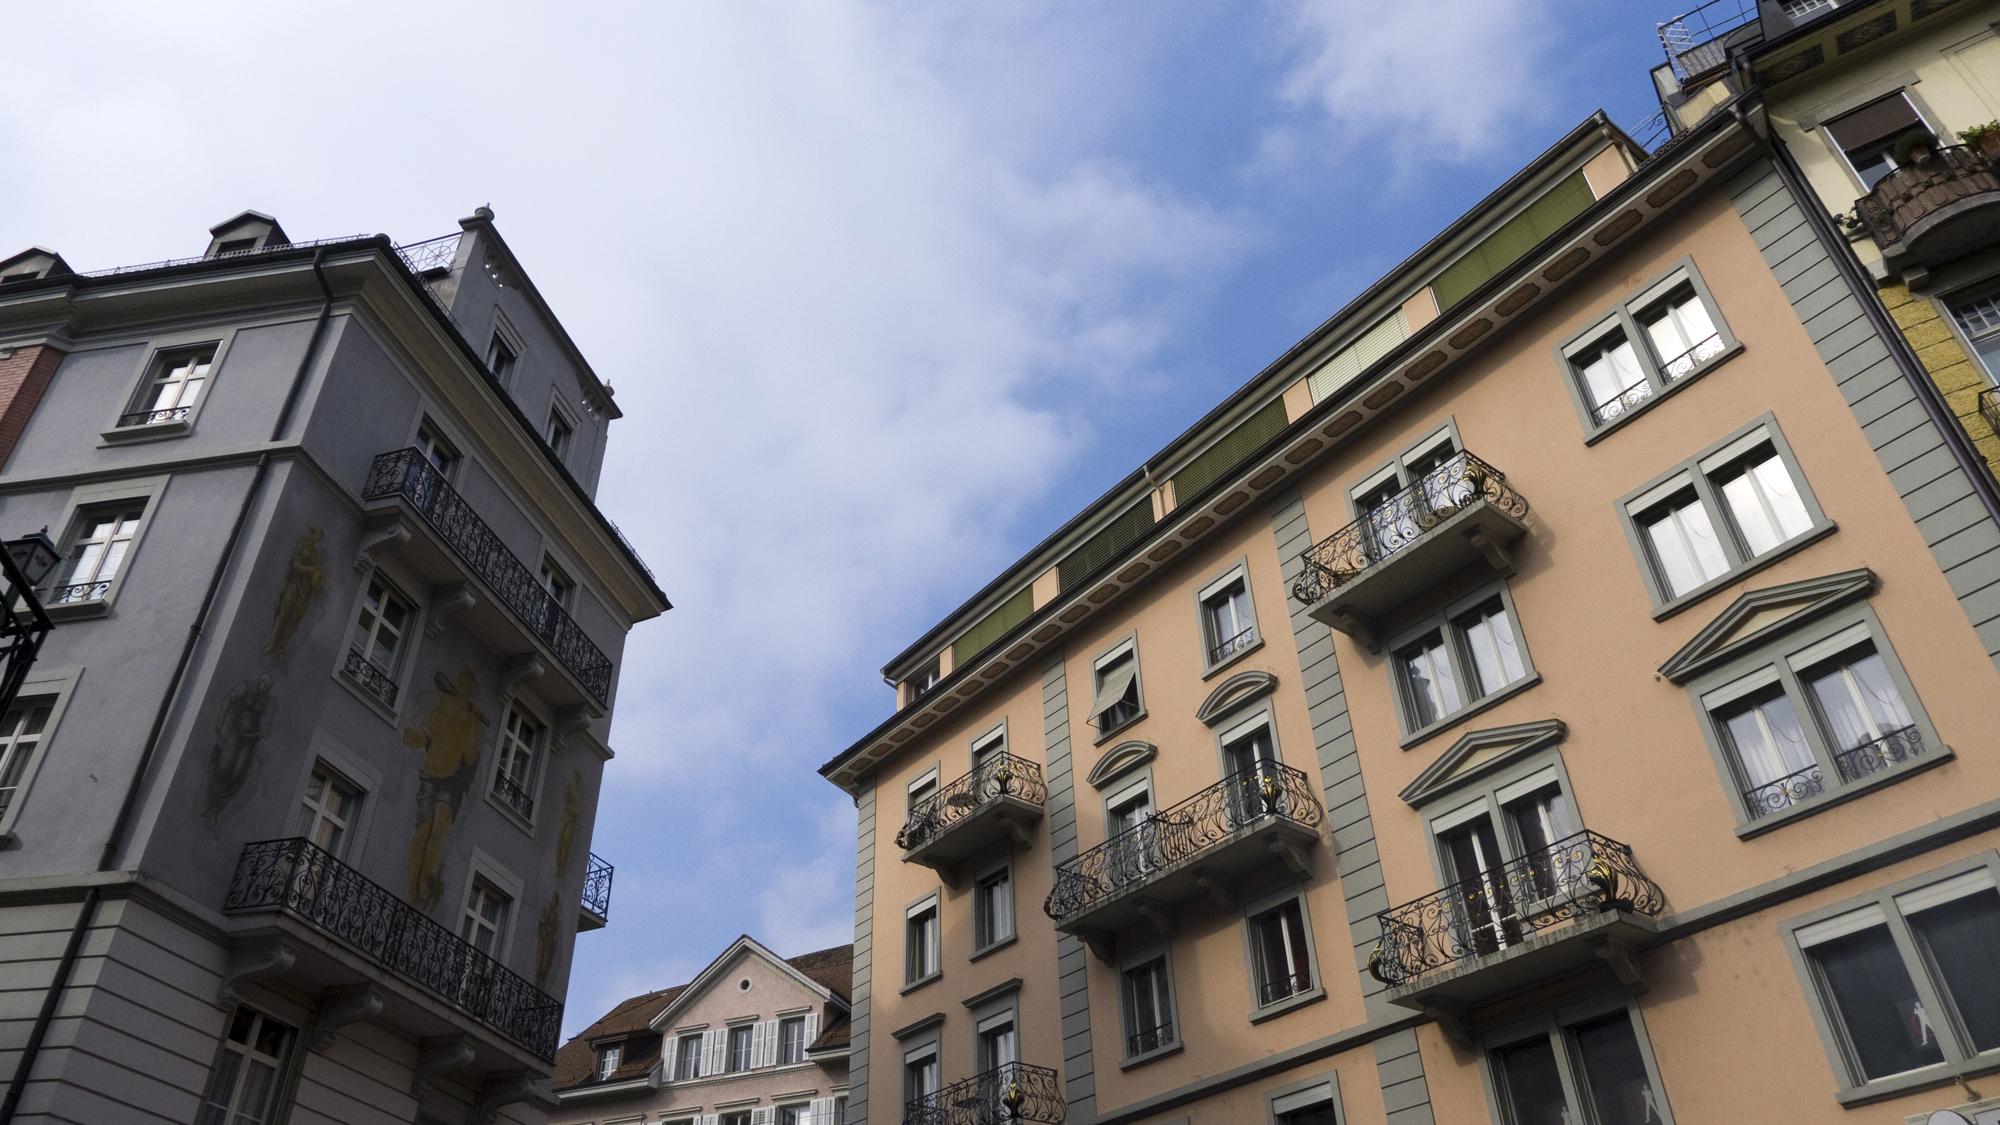 lucerne_buildings1.jpg